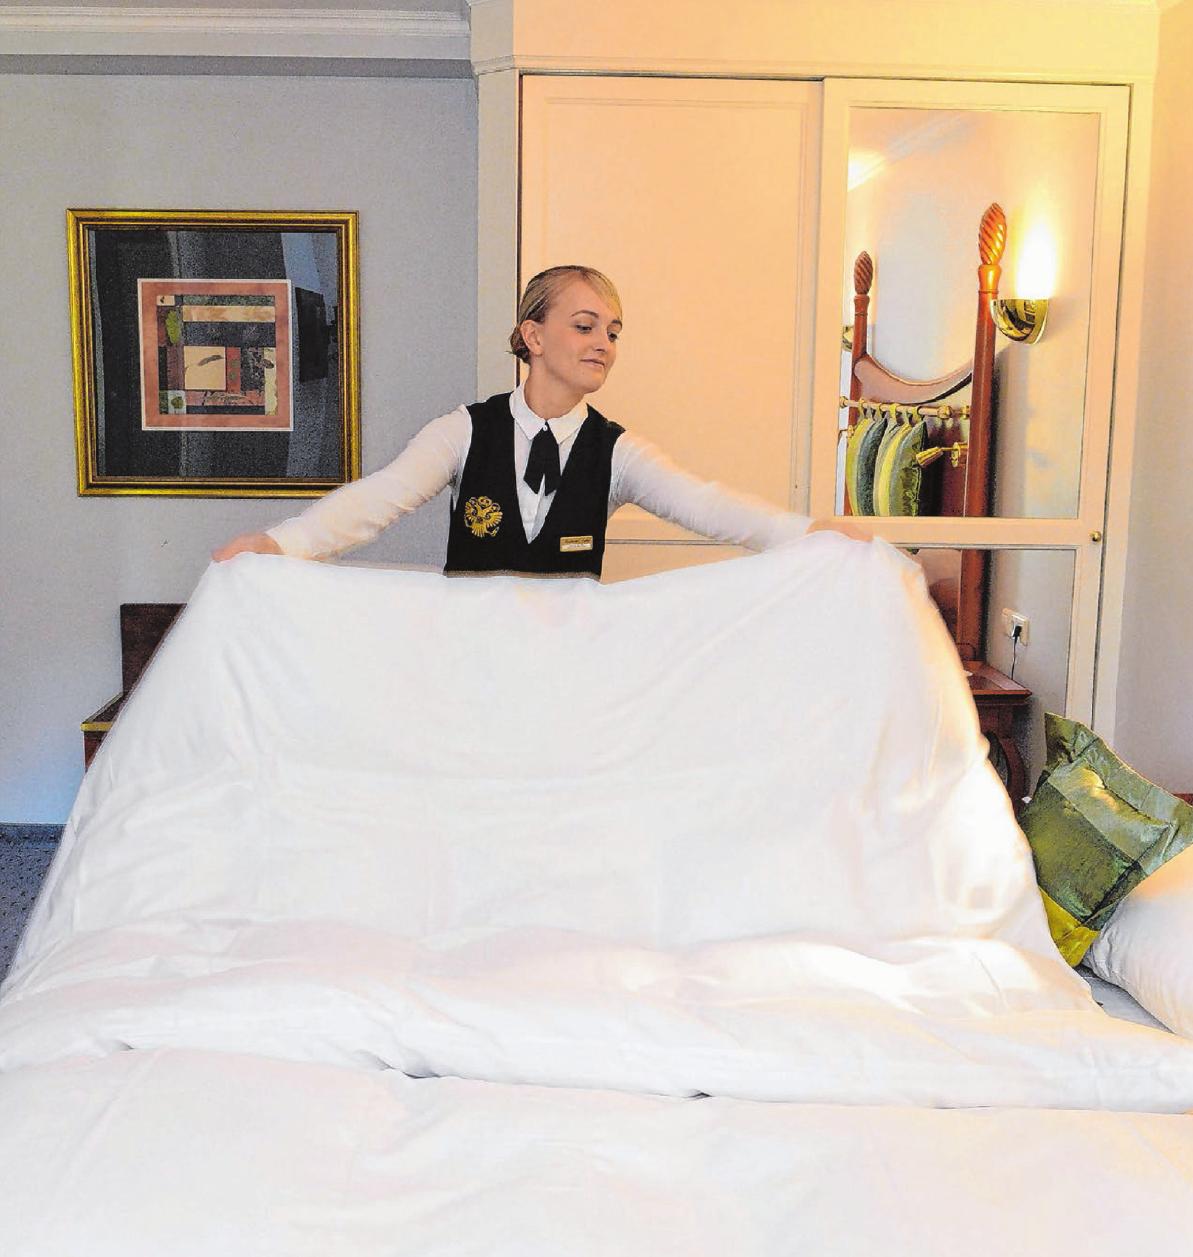 Angehende Hotelfachleute durchlaufen während ihrer Ausbildung sämtliche Bereiche. So lernen sie die verschiedensten Arbeitsabläufe kennen. Foto: dpa